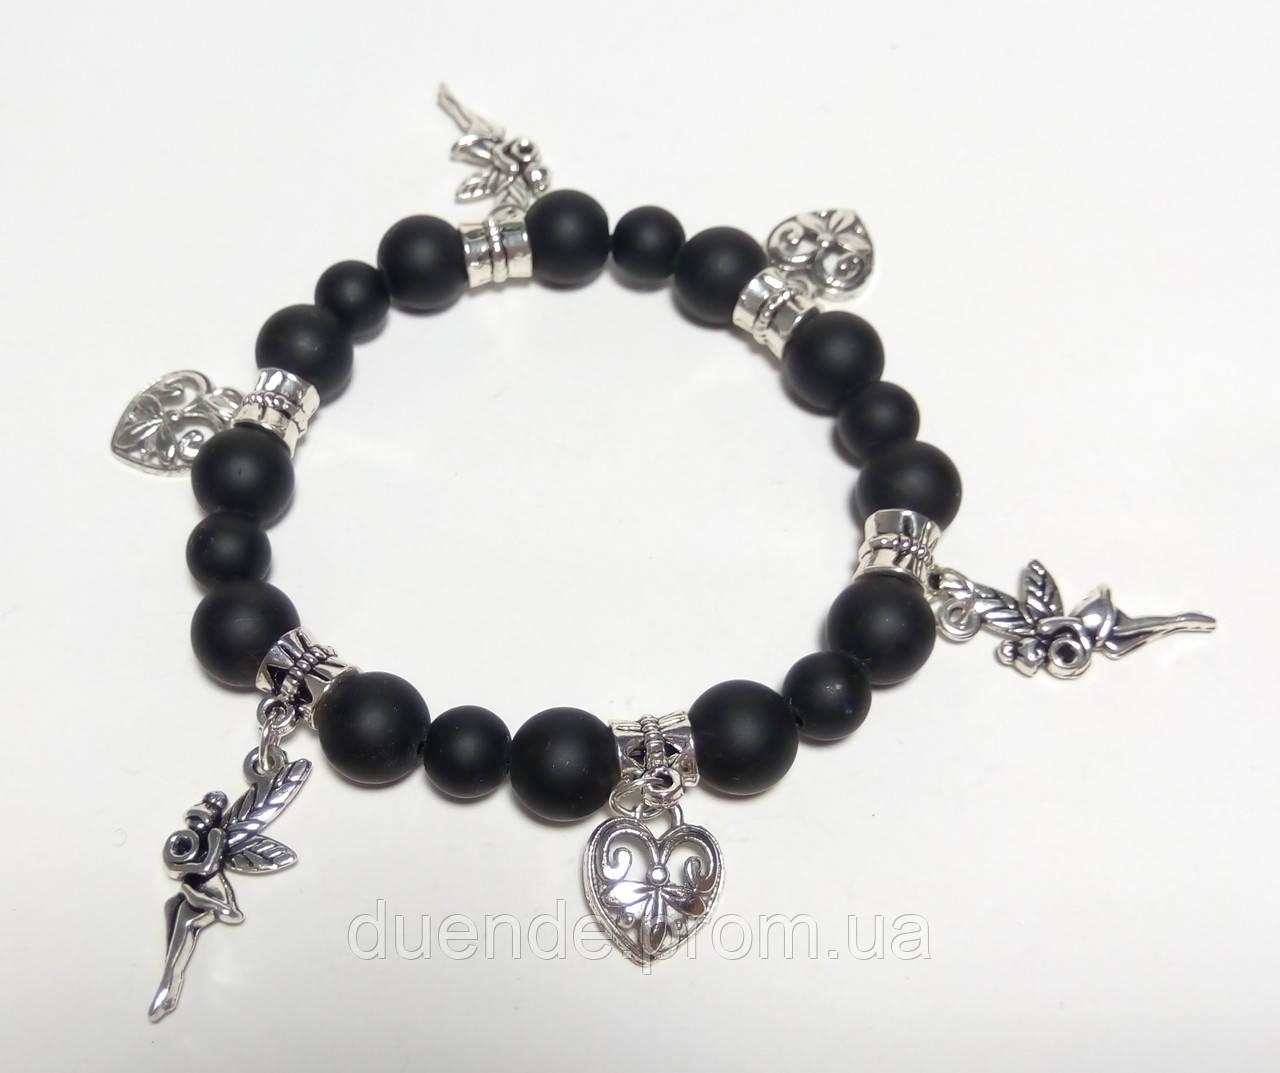 Браслет Шунгит с подвесками, натуральный камень, цвет черный, тм Satori \ Sb - 0018